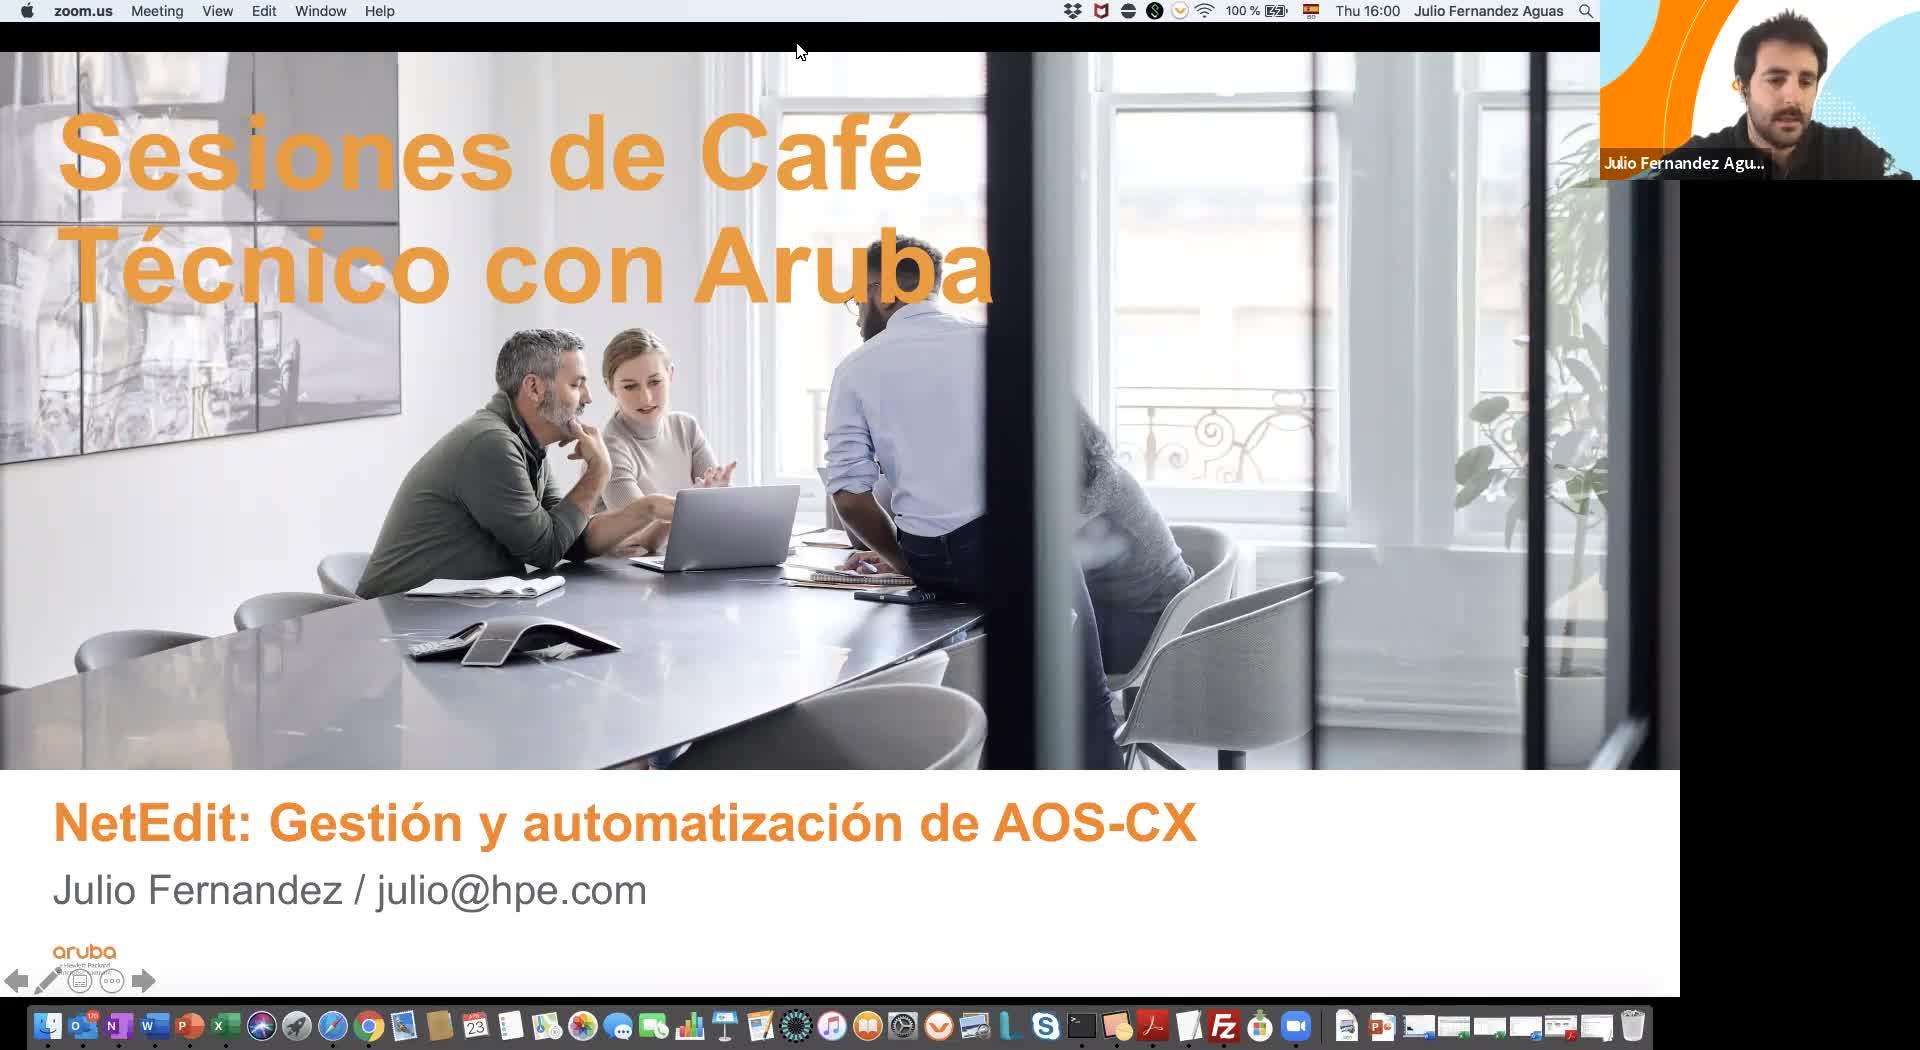 NetEdit: gestión y automatización de AOS-CX